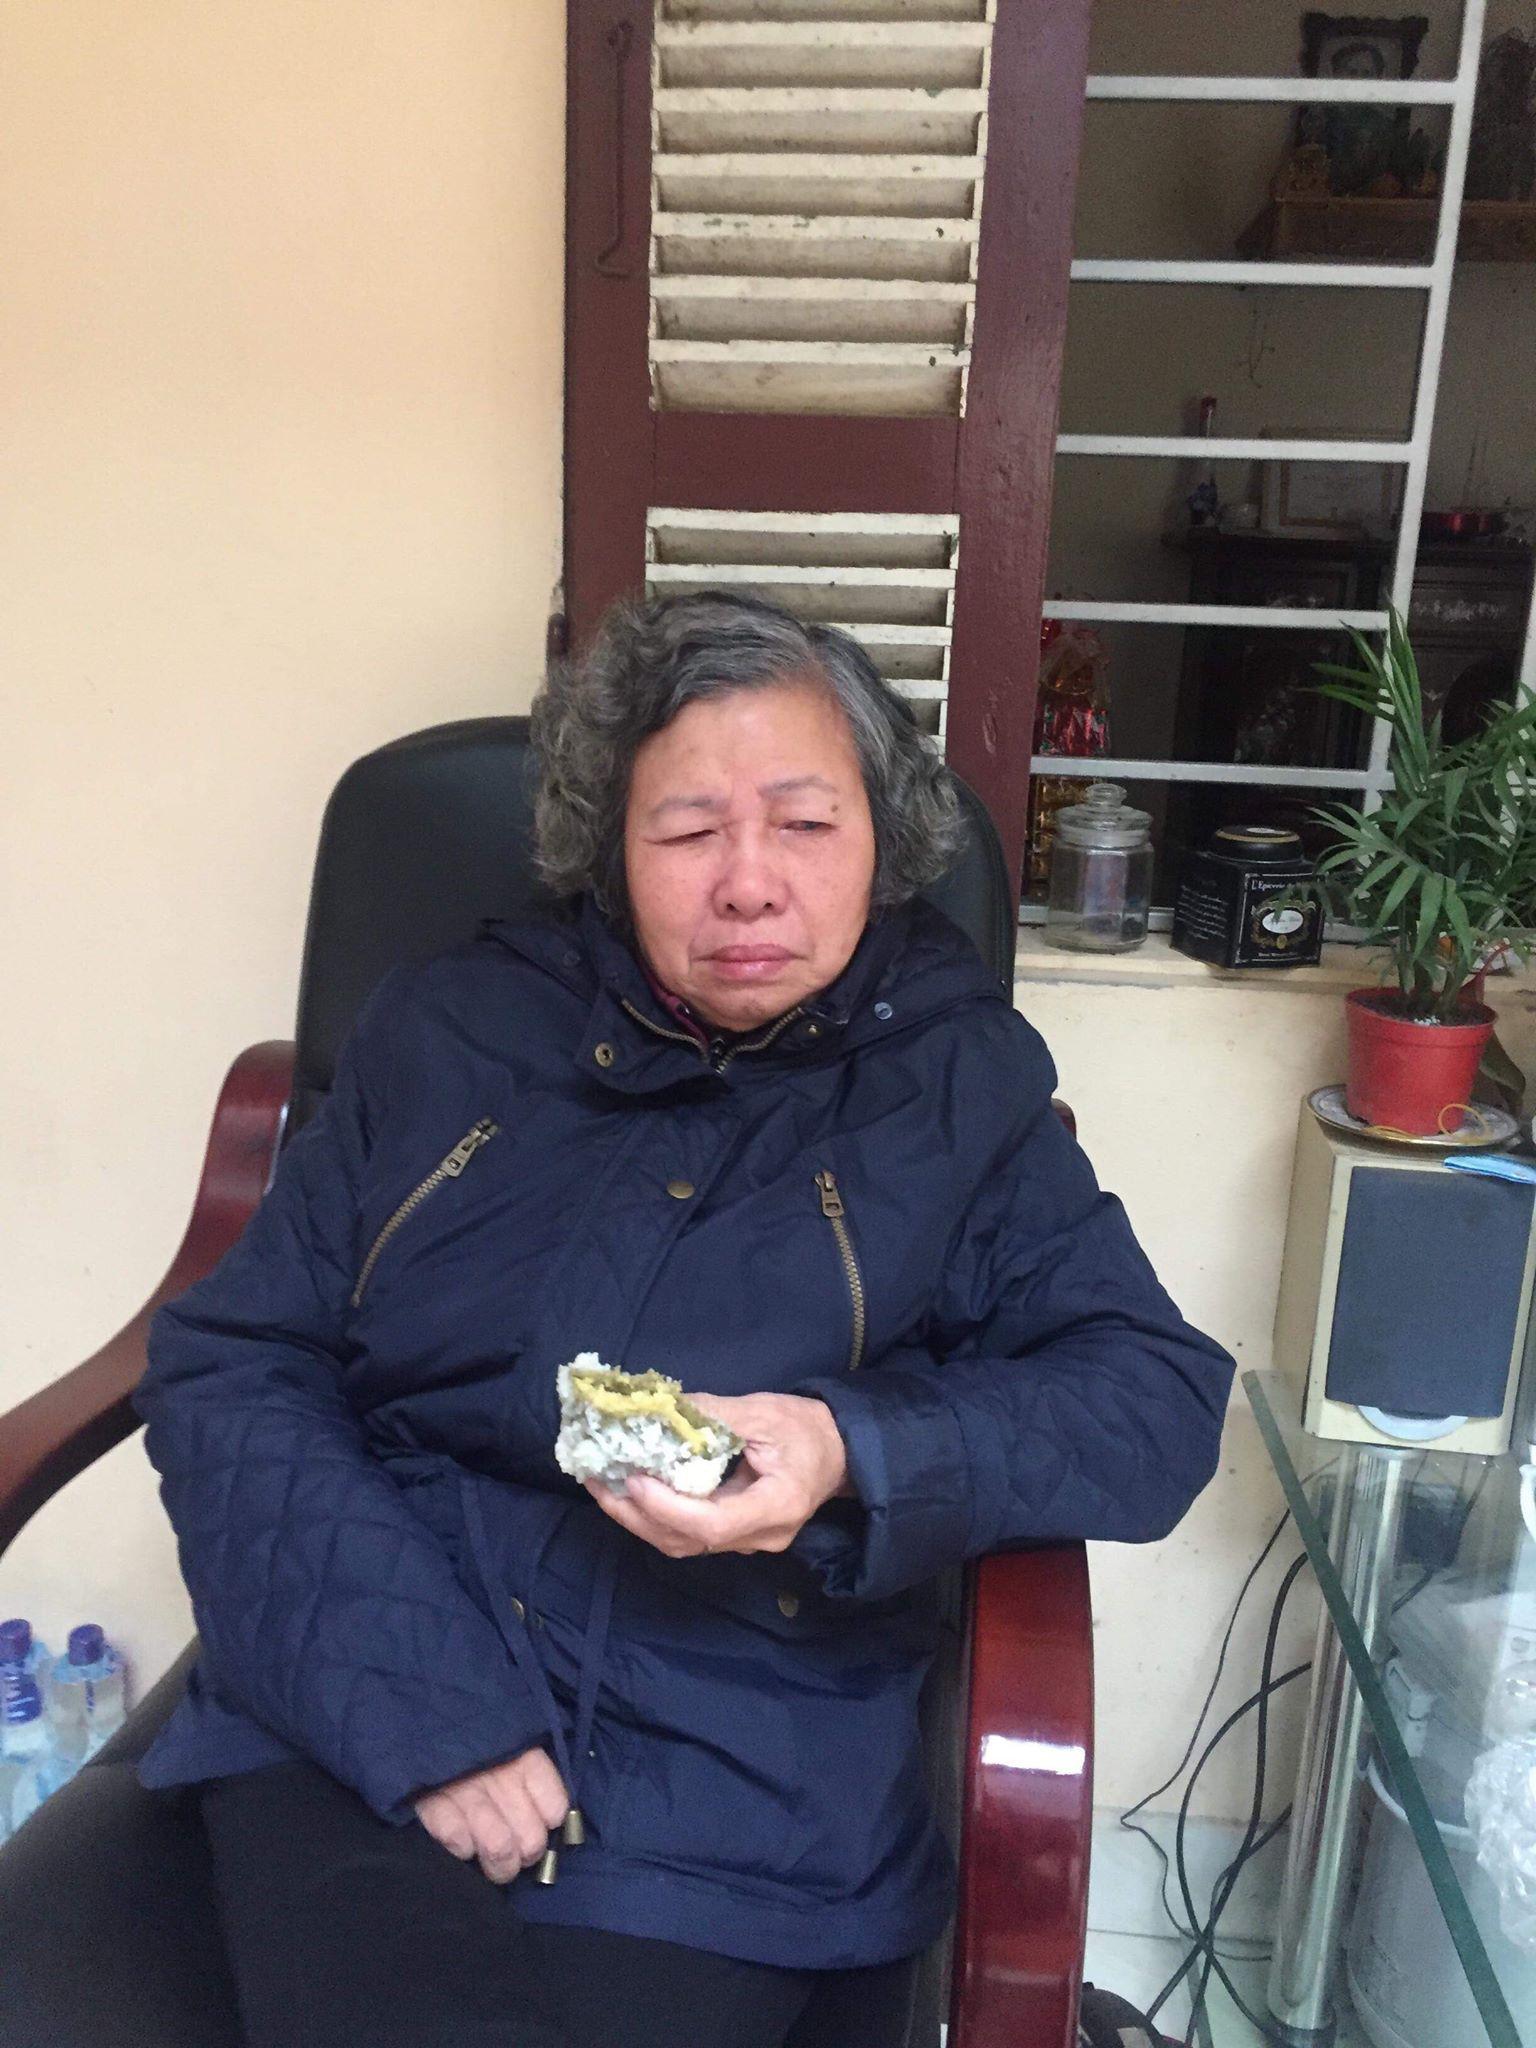 Bà nội dễ thương gần 80 tuổi vẫn chăm chỉ đắp dưa leo làm đẹp, biết cháu đi nước ngoài liền dúi 100USD nhờ mua nước hoa - Ảnh 4.